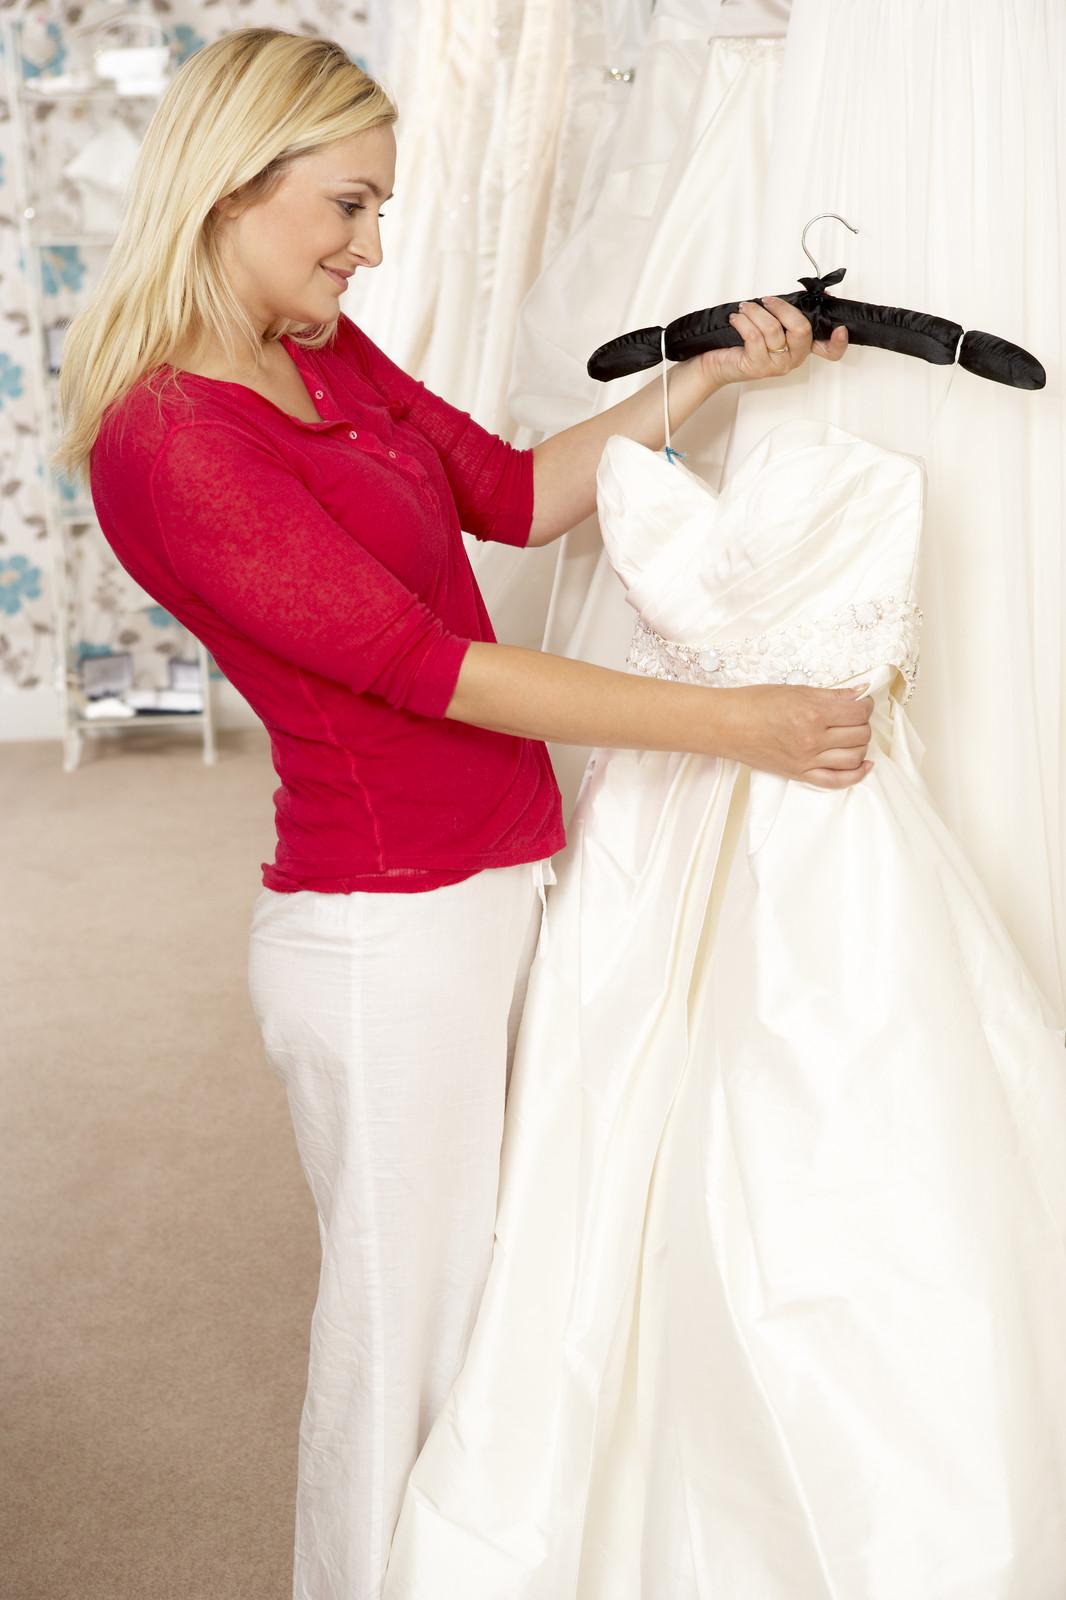 Brauttourismus - Der Hochzeitswahn beginnt…